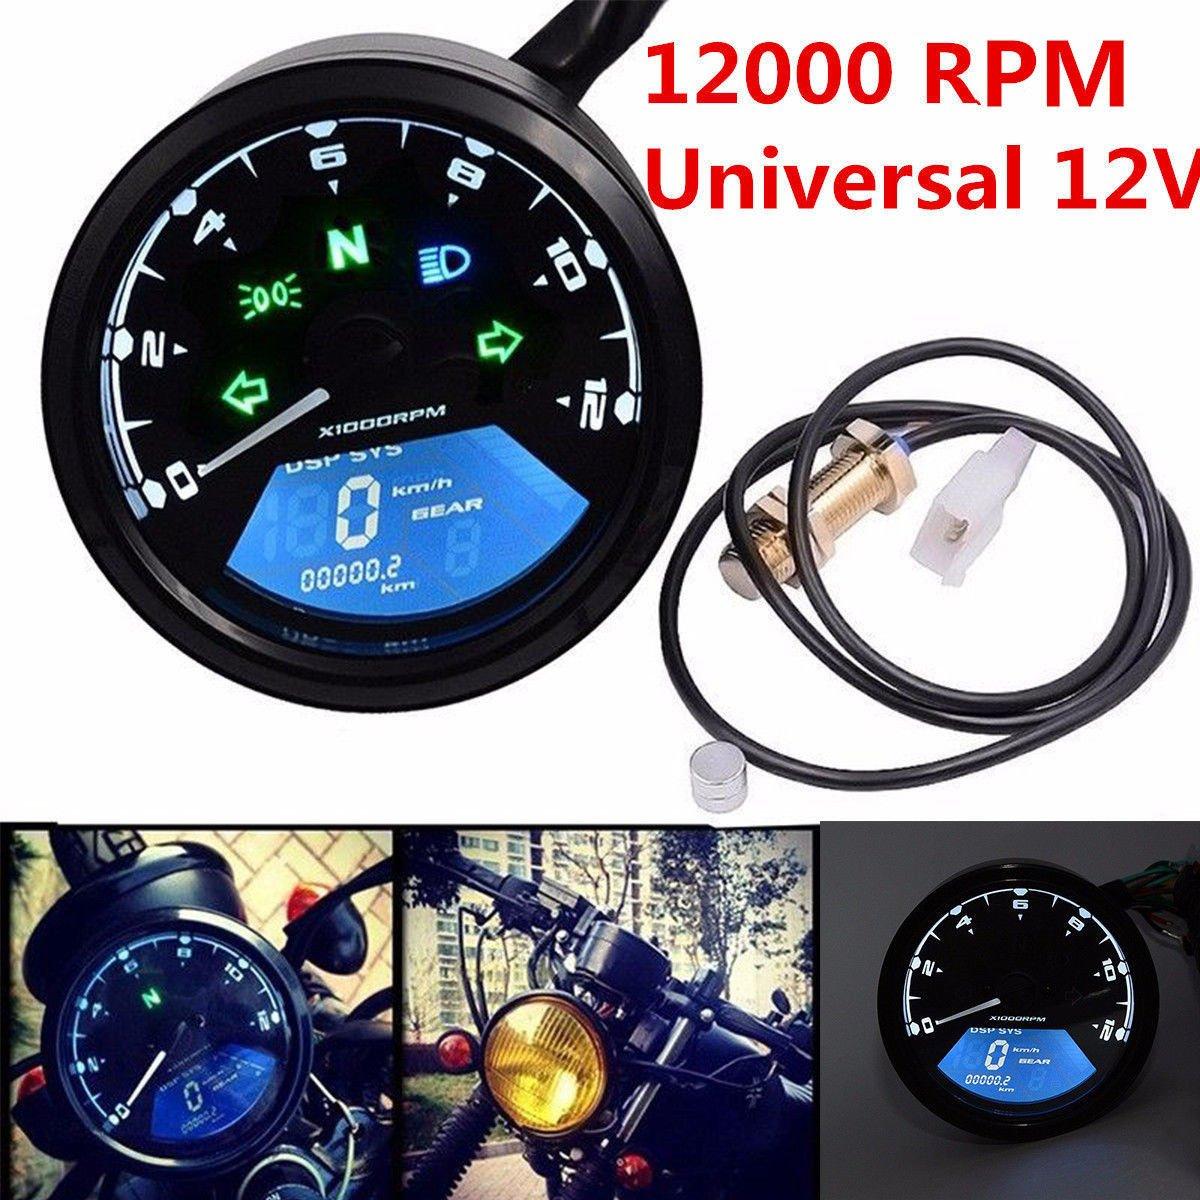 Triclicks Universal 12000RPM LCD Motorrad Digitaltacho Tacho Tachometer Kilometerzä hler fü r die meisten Motorrä der, die mit Viertakt-, 2/4-Zylindern ausgestattet sind (Standard als 1 Zylinder der Einstellung)